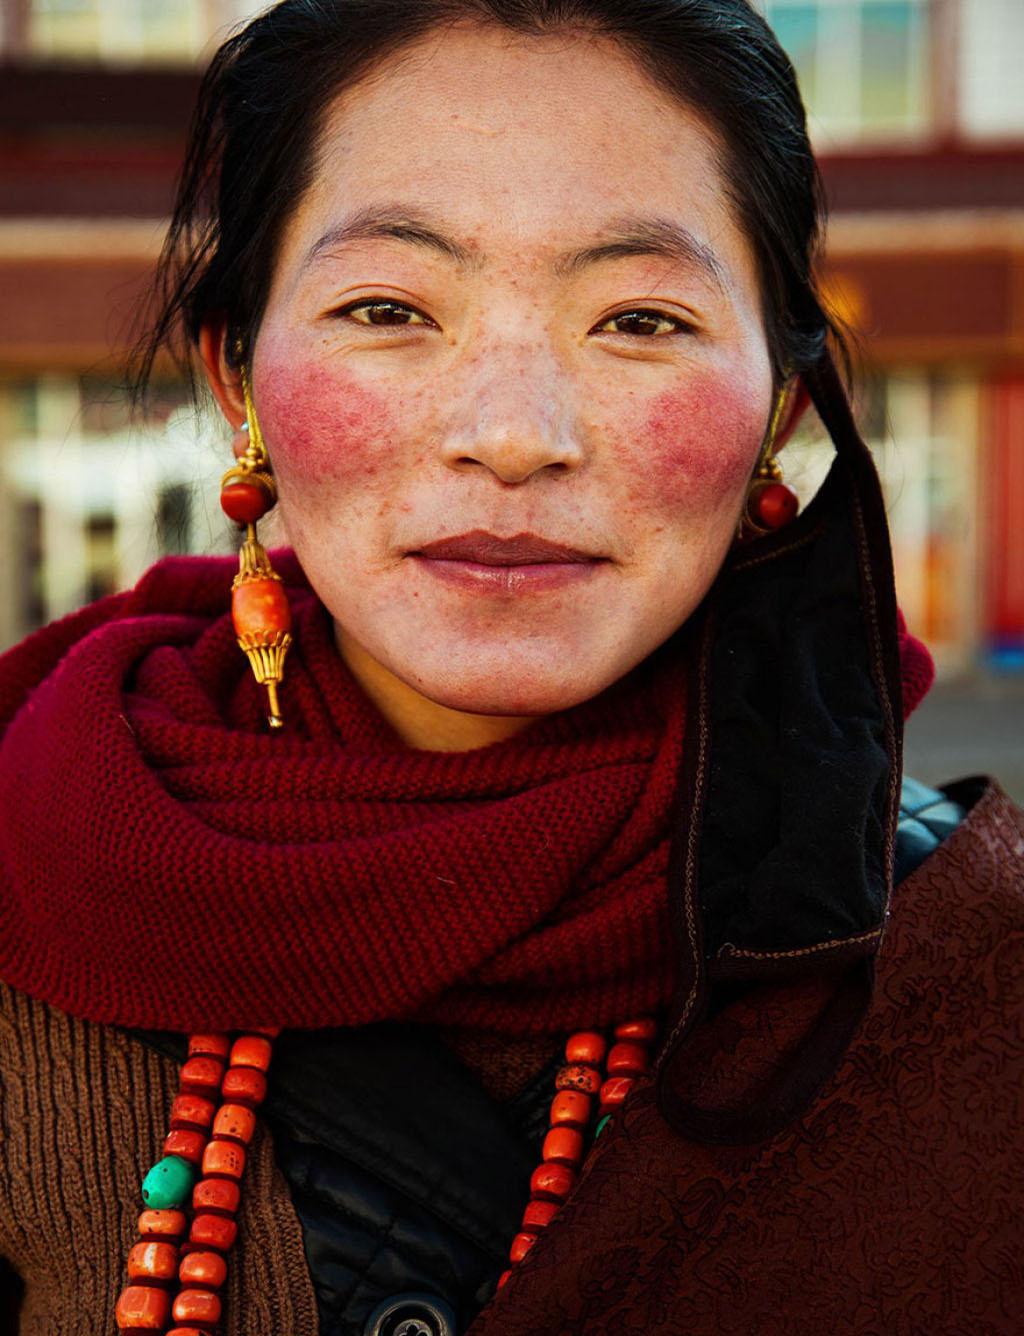 Impresionantes retratos muestran como se ve la belleza en todo elmundo